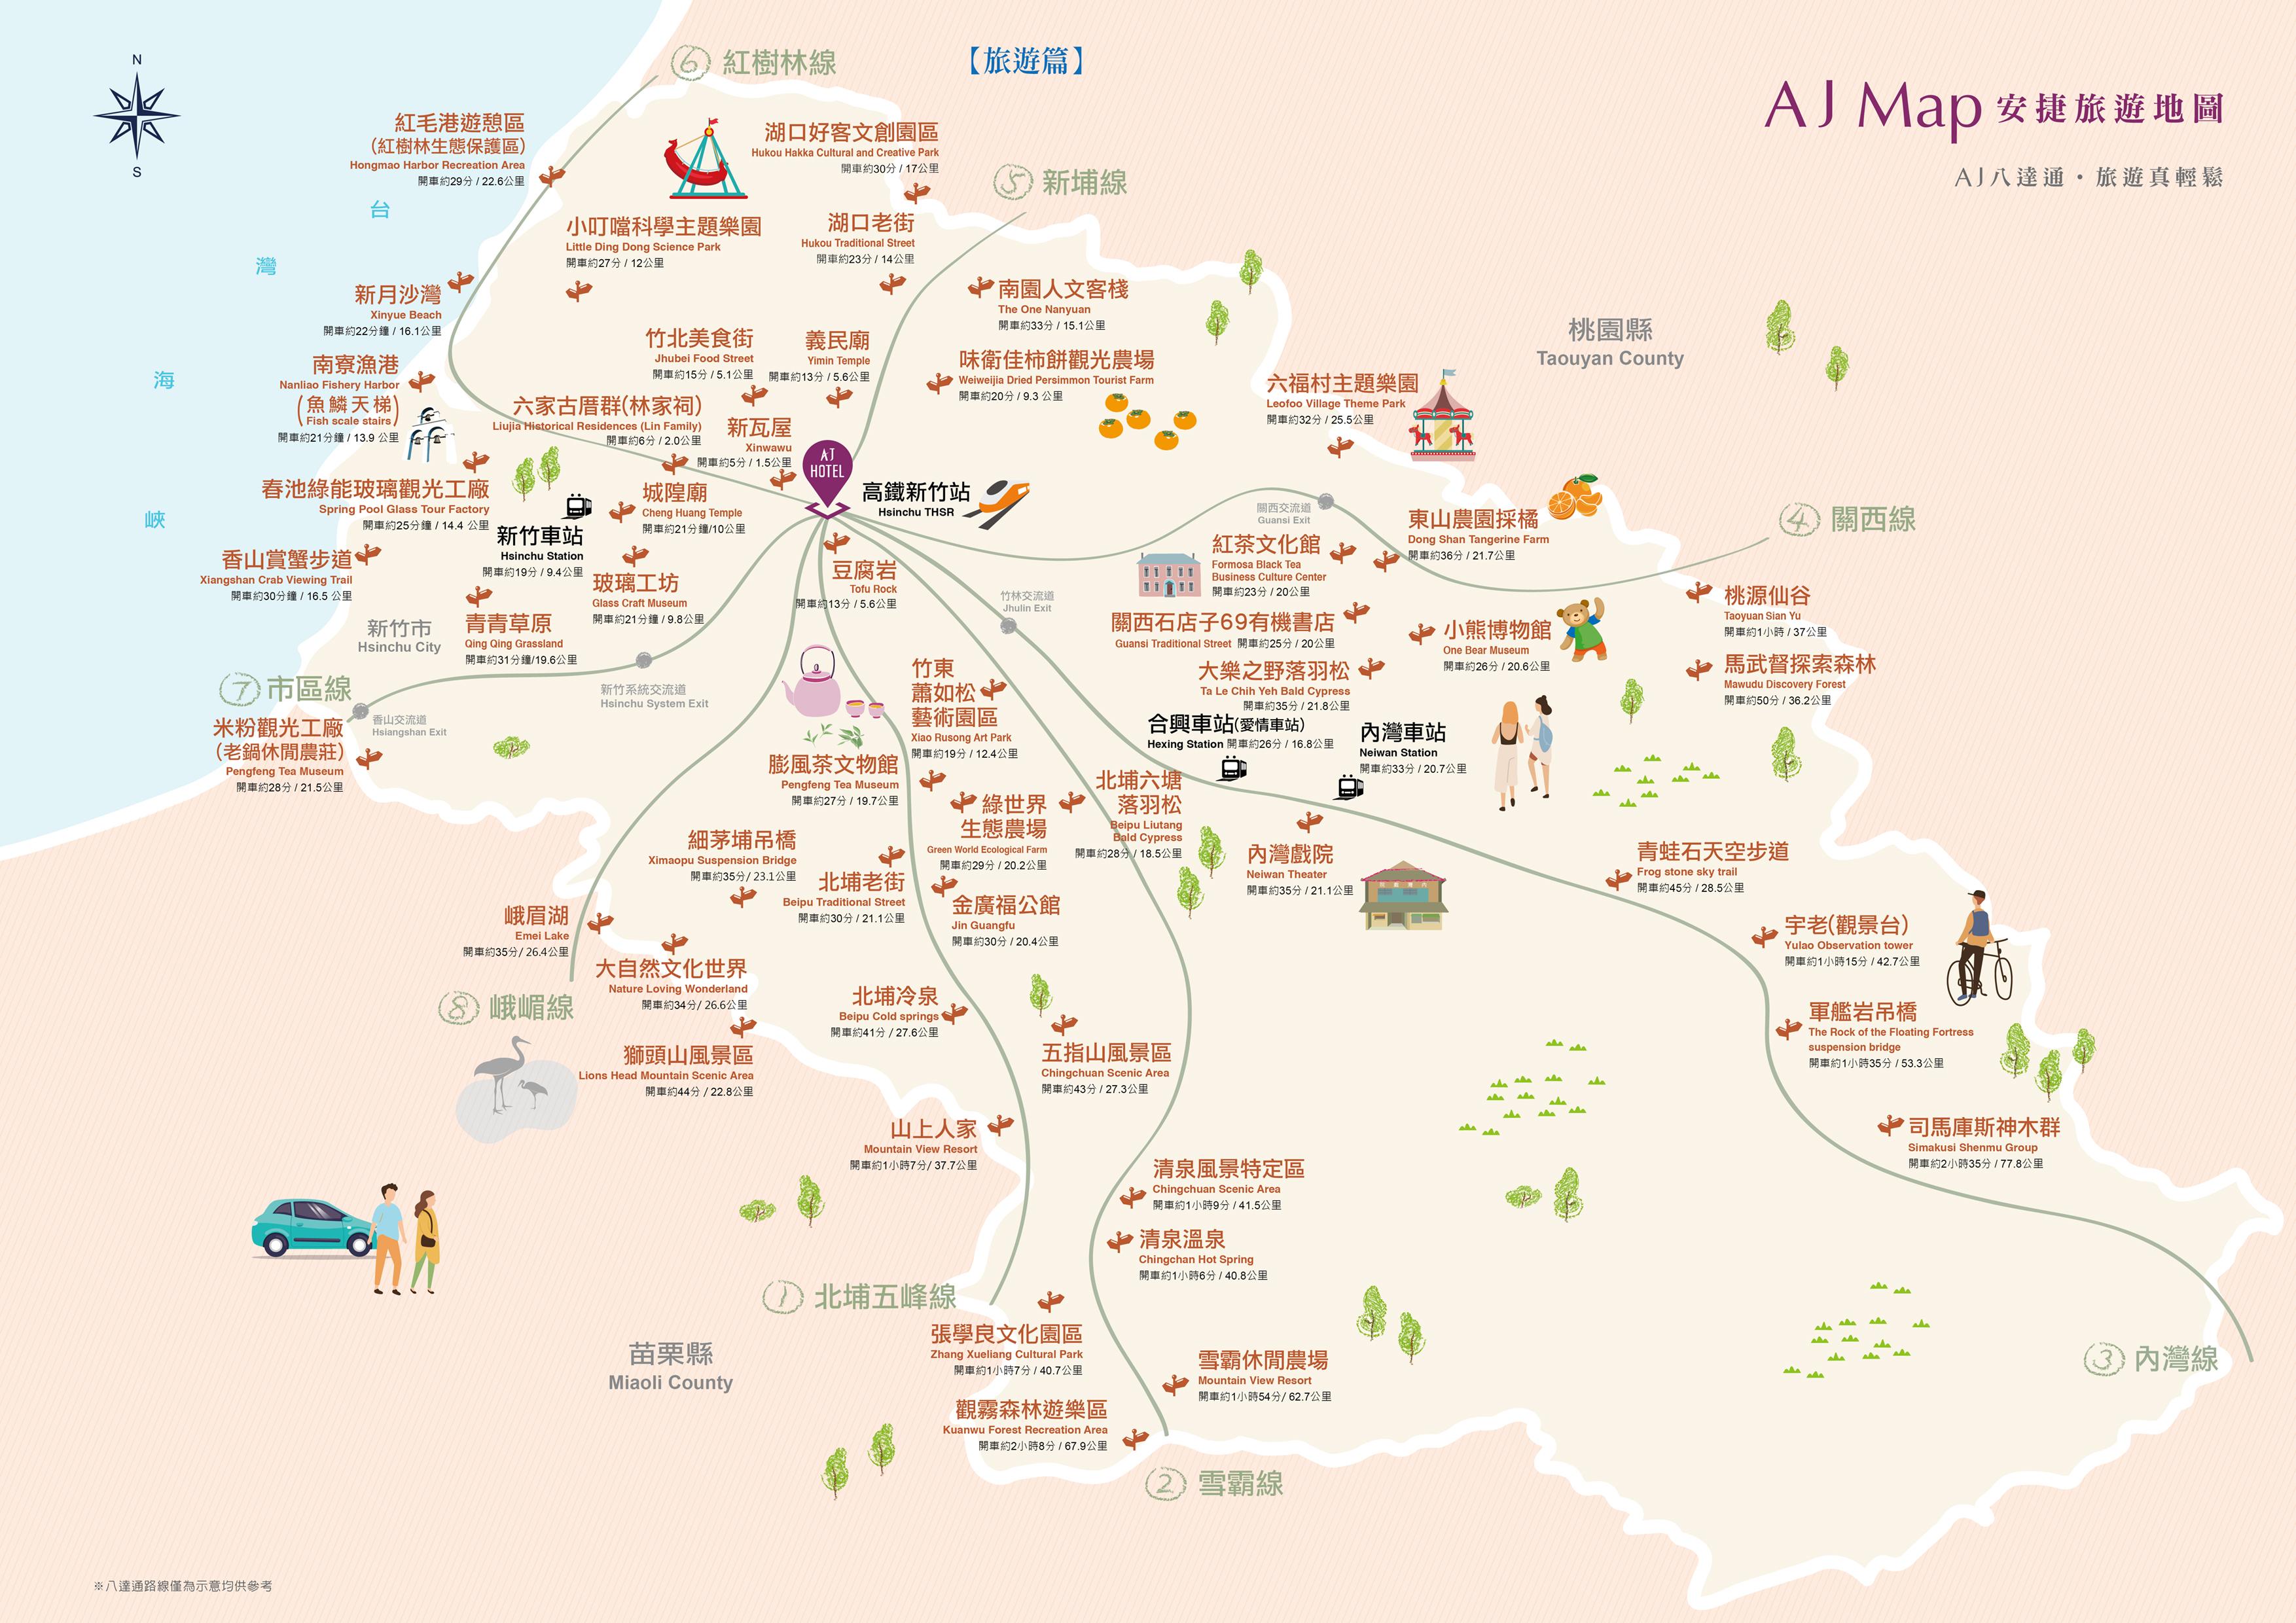 新竹安捷-旅遊八達通Map-4